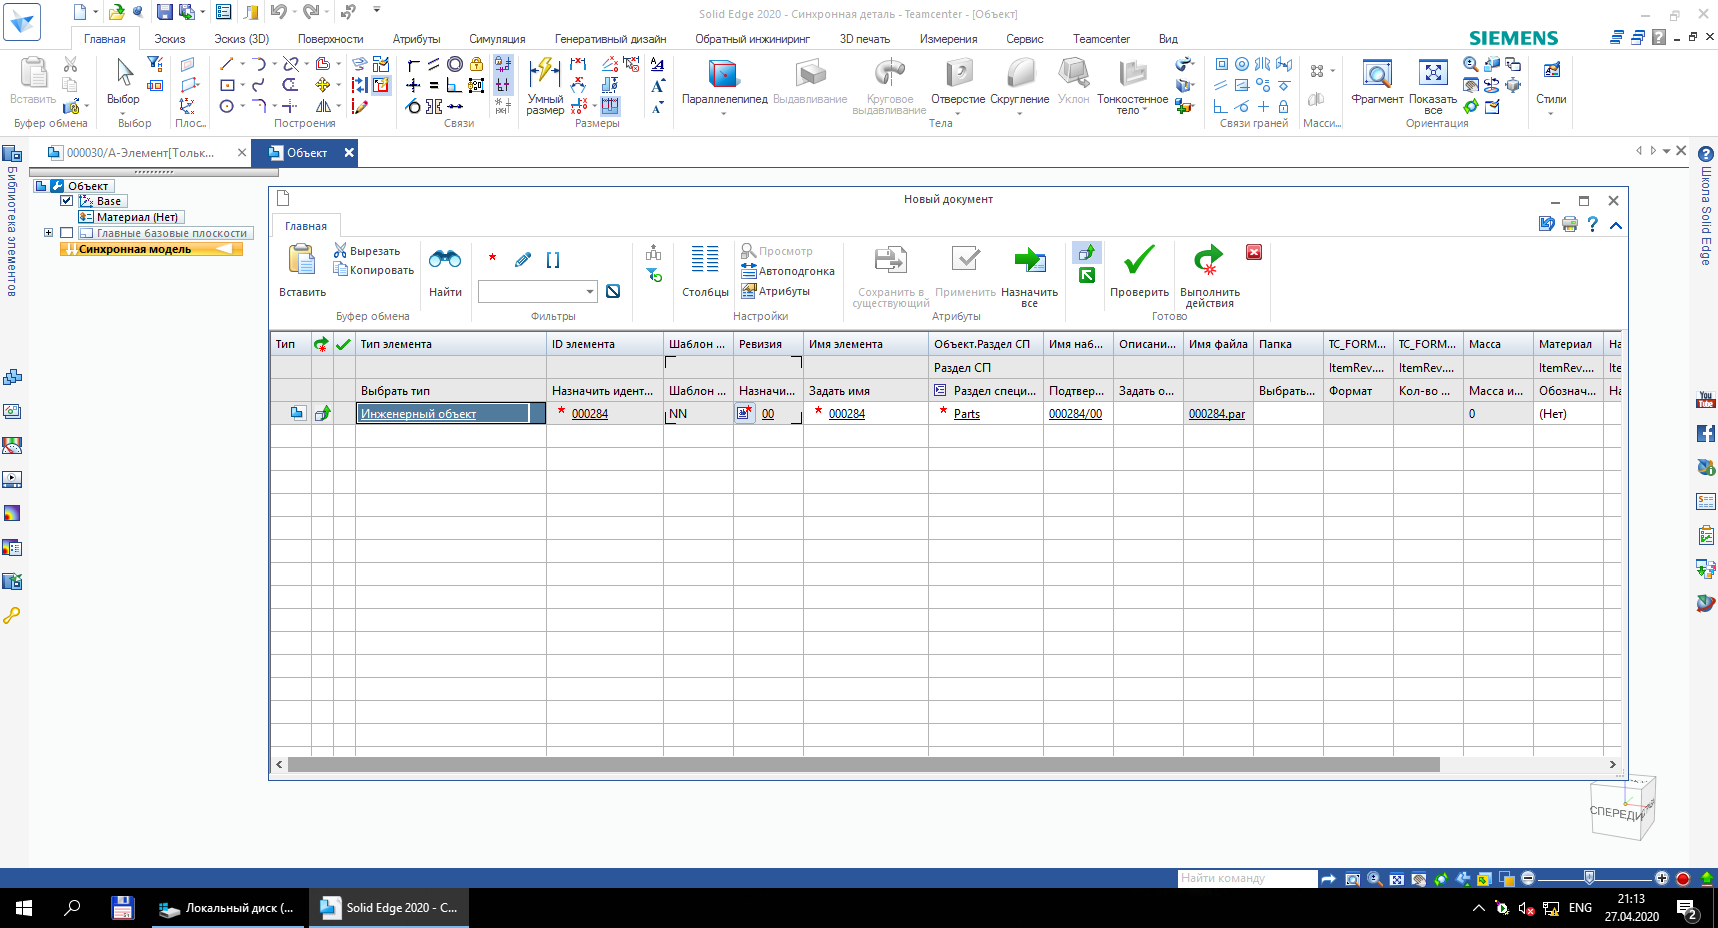 Teamcenter: Проектирование в Solid Edge под управлением Teamcenter. Какие преимущества получает директор после внедрения PDM системы на предприятии?